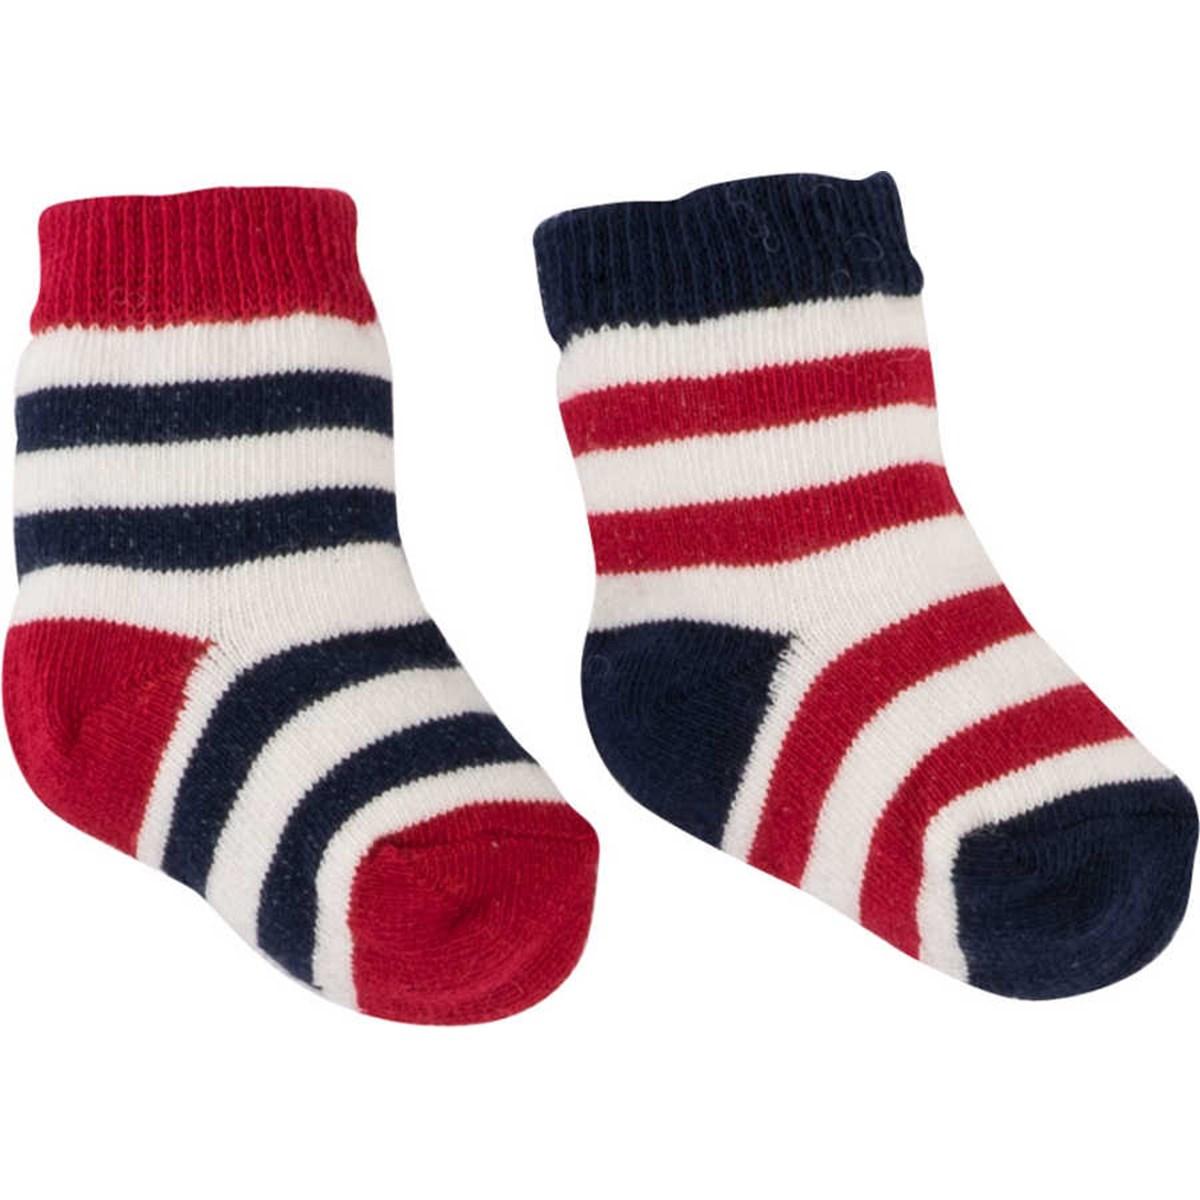 7262 2li Çorap 1